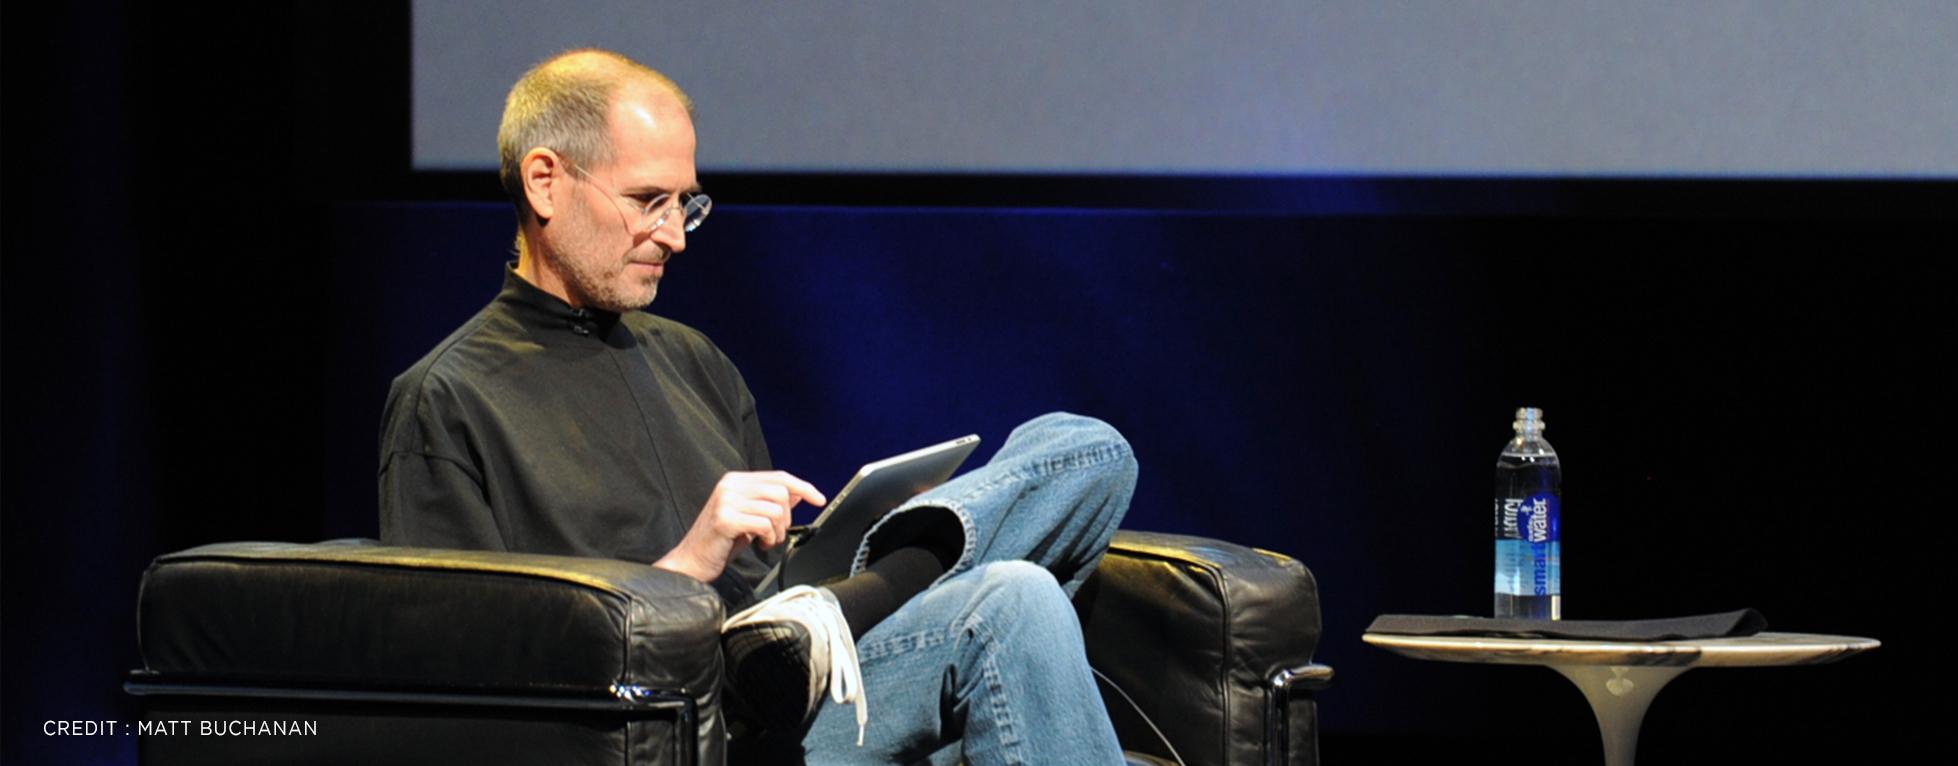 L'iPad d'Apple fête aujourd'hui son dixième anniversaire